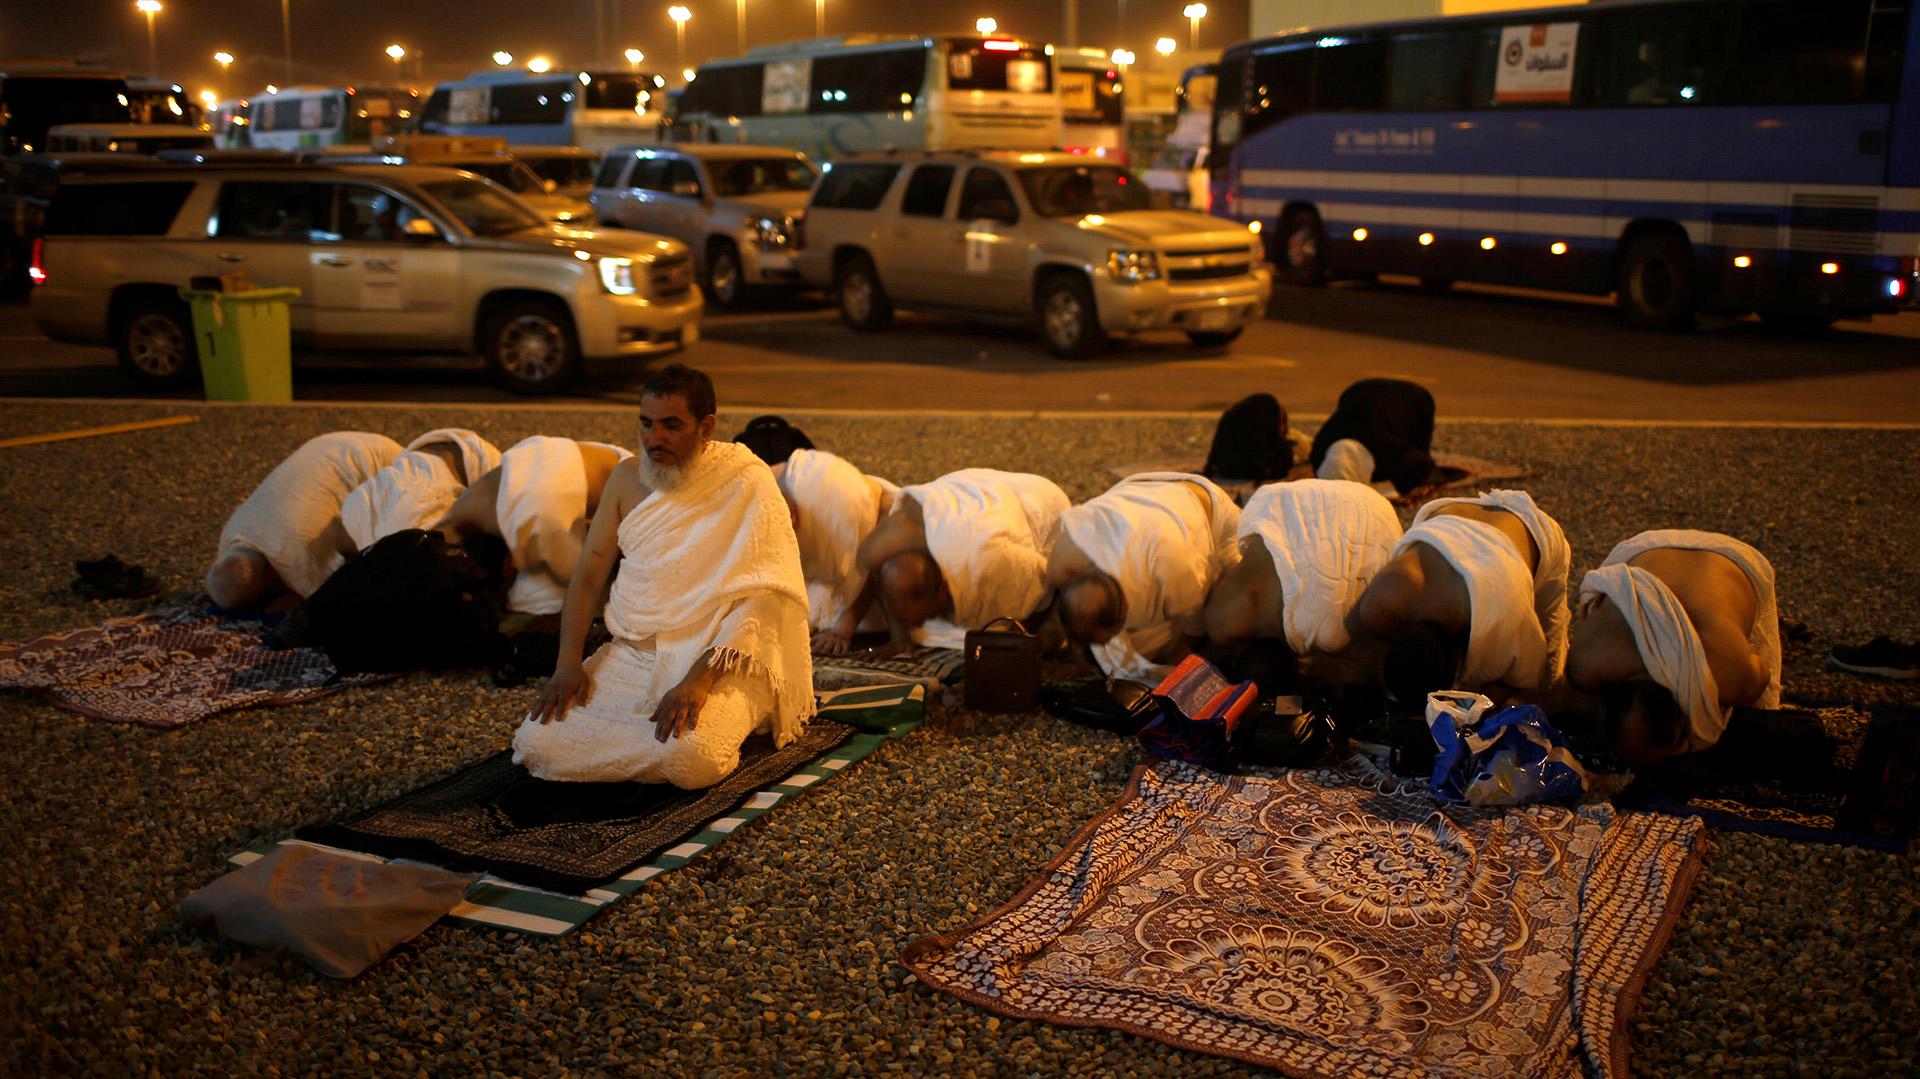 Peregrinos musulmanes rezando en las afueras de la ciudad sagrada de La Meca (REUTERS/Suhaib Salem)